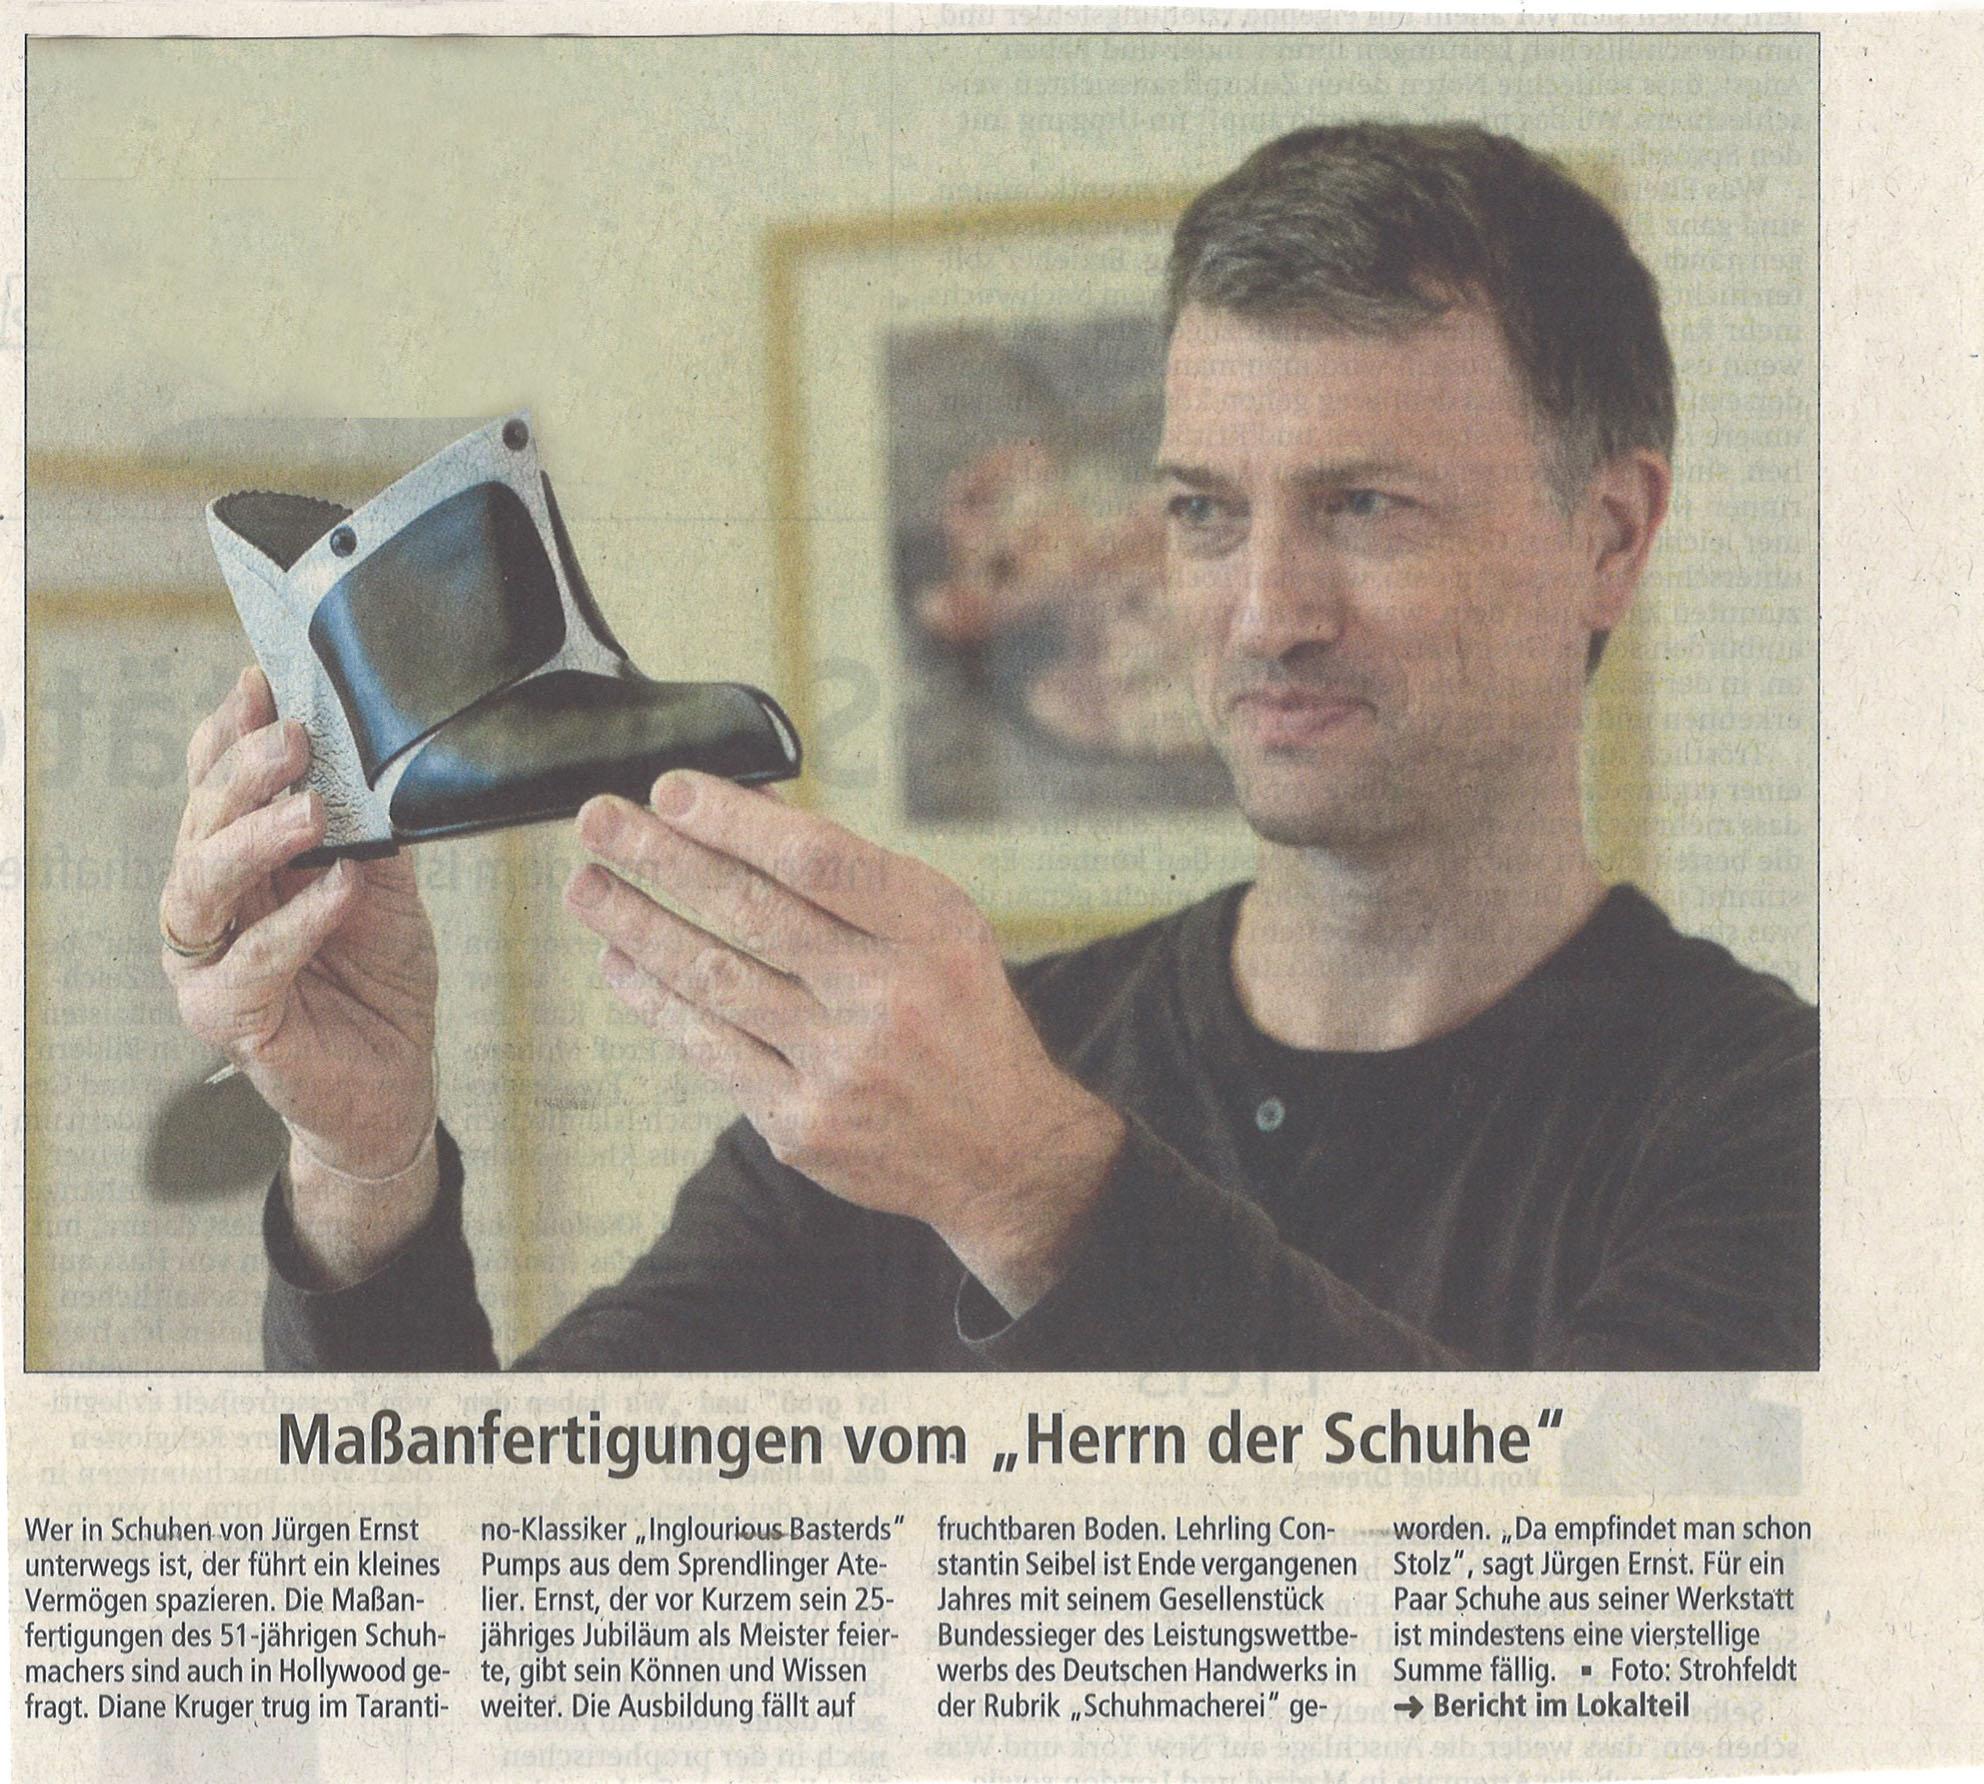 Jürgen Ernst - Der Herr Der Schuhe - 2010 Offenbach Post - Maßanfertigungen